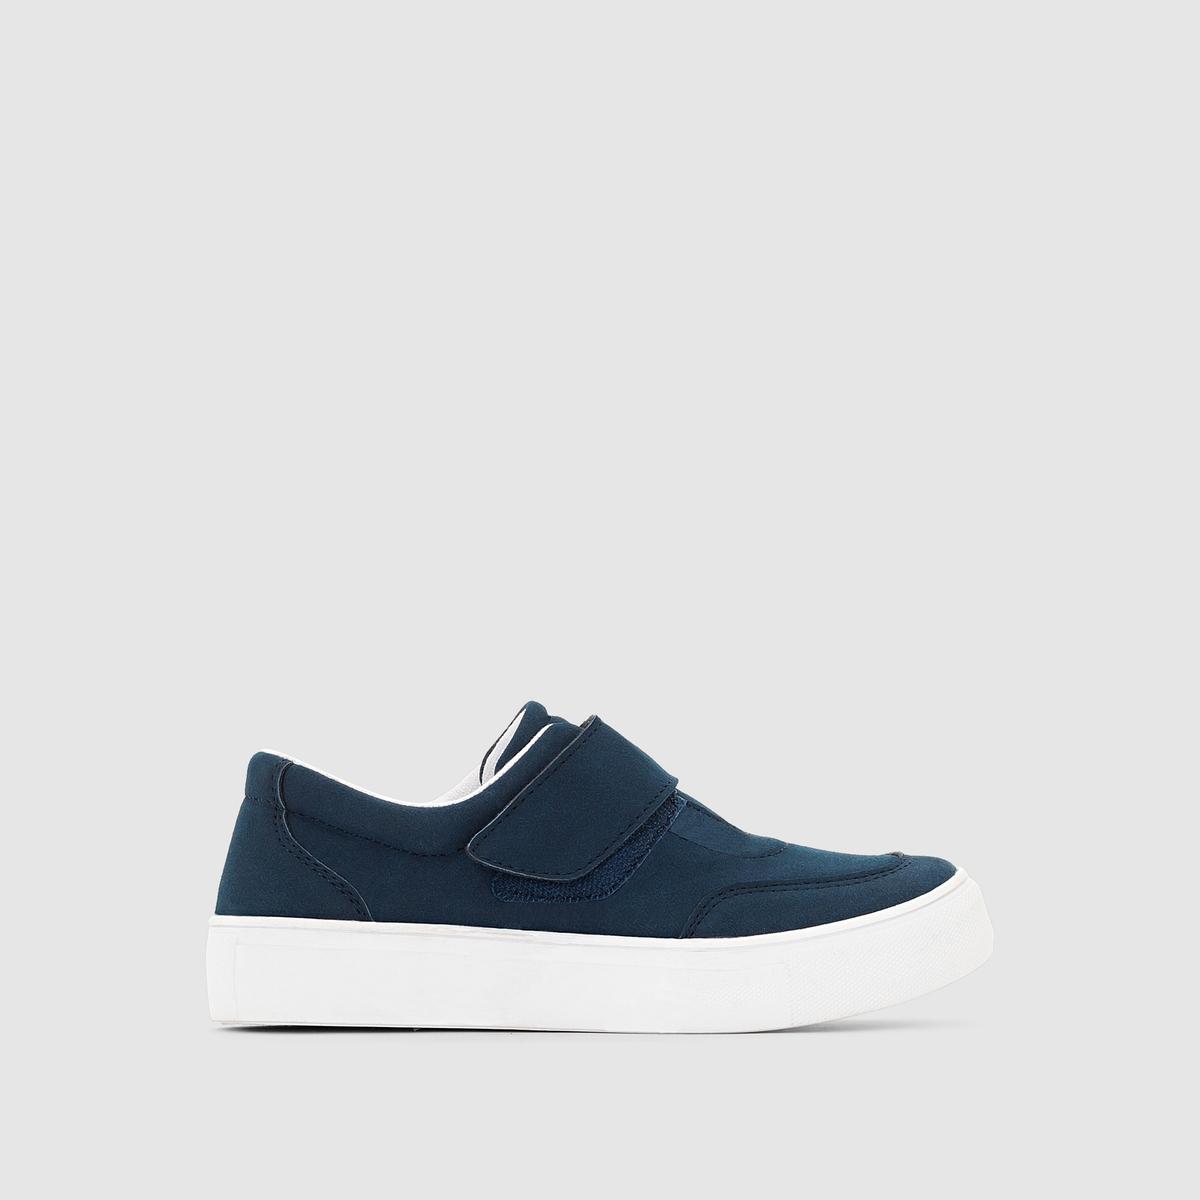 Кеды синтетическиеДетали  •  Спортивный стиль •  Плоский каблук •  Застежка : планка-велкро •  Гладкая отделкаСостав и уход  •  Верх 100% синтетический материал •  Подкладка 100% хлопок<br><br>Цвет: сине-серый<br>Размер: 30.32.38